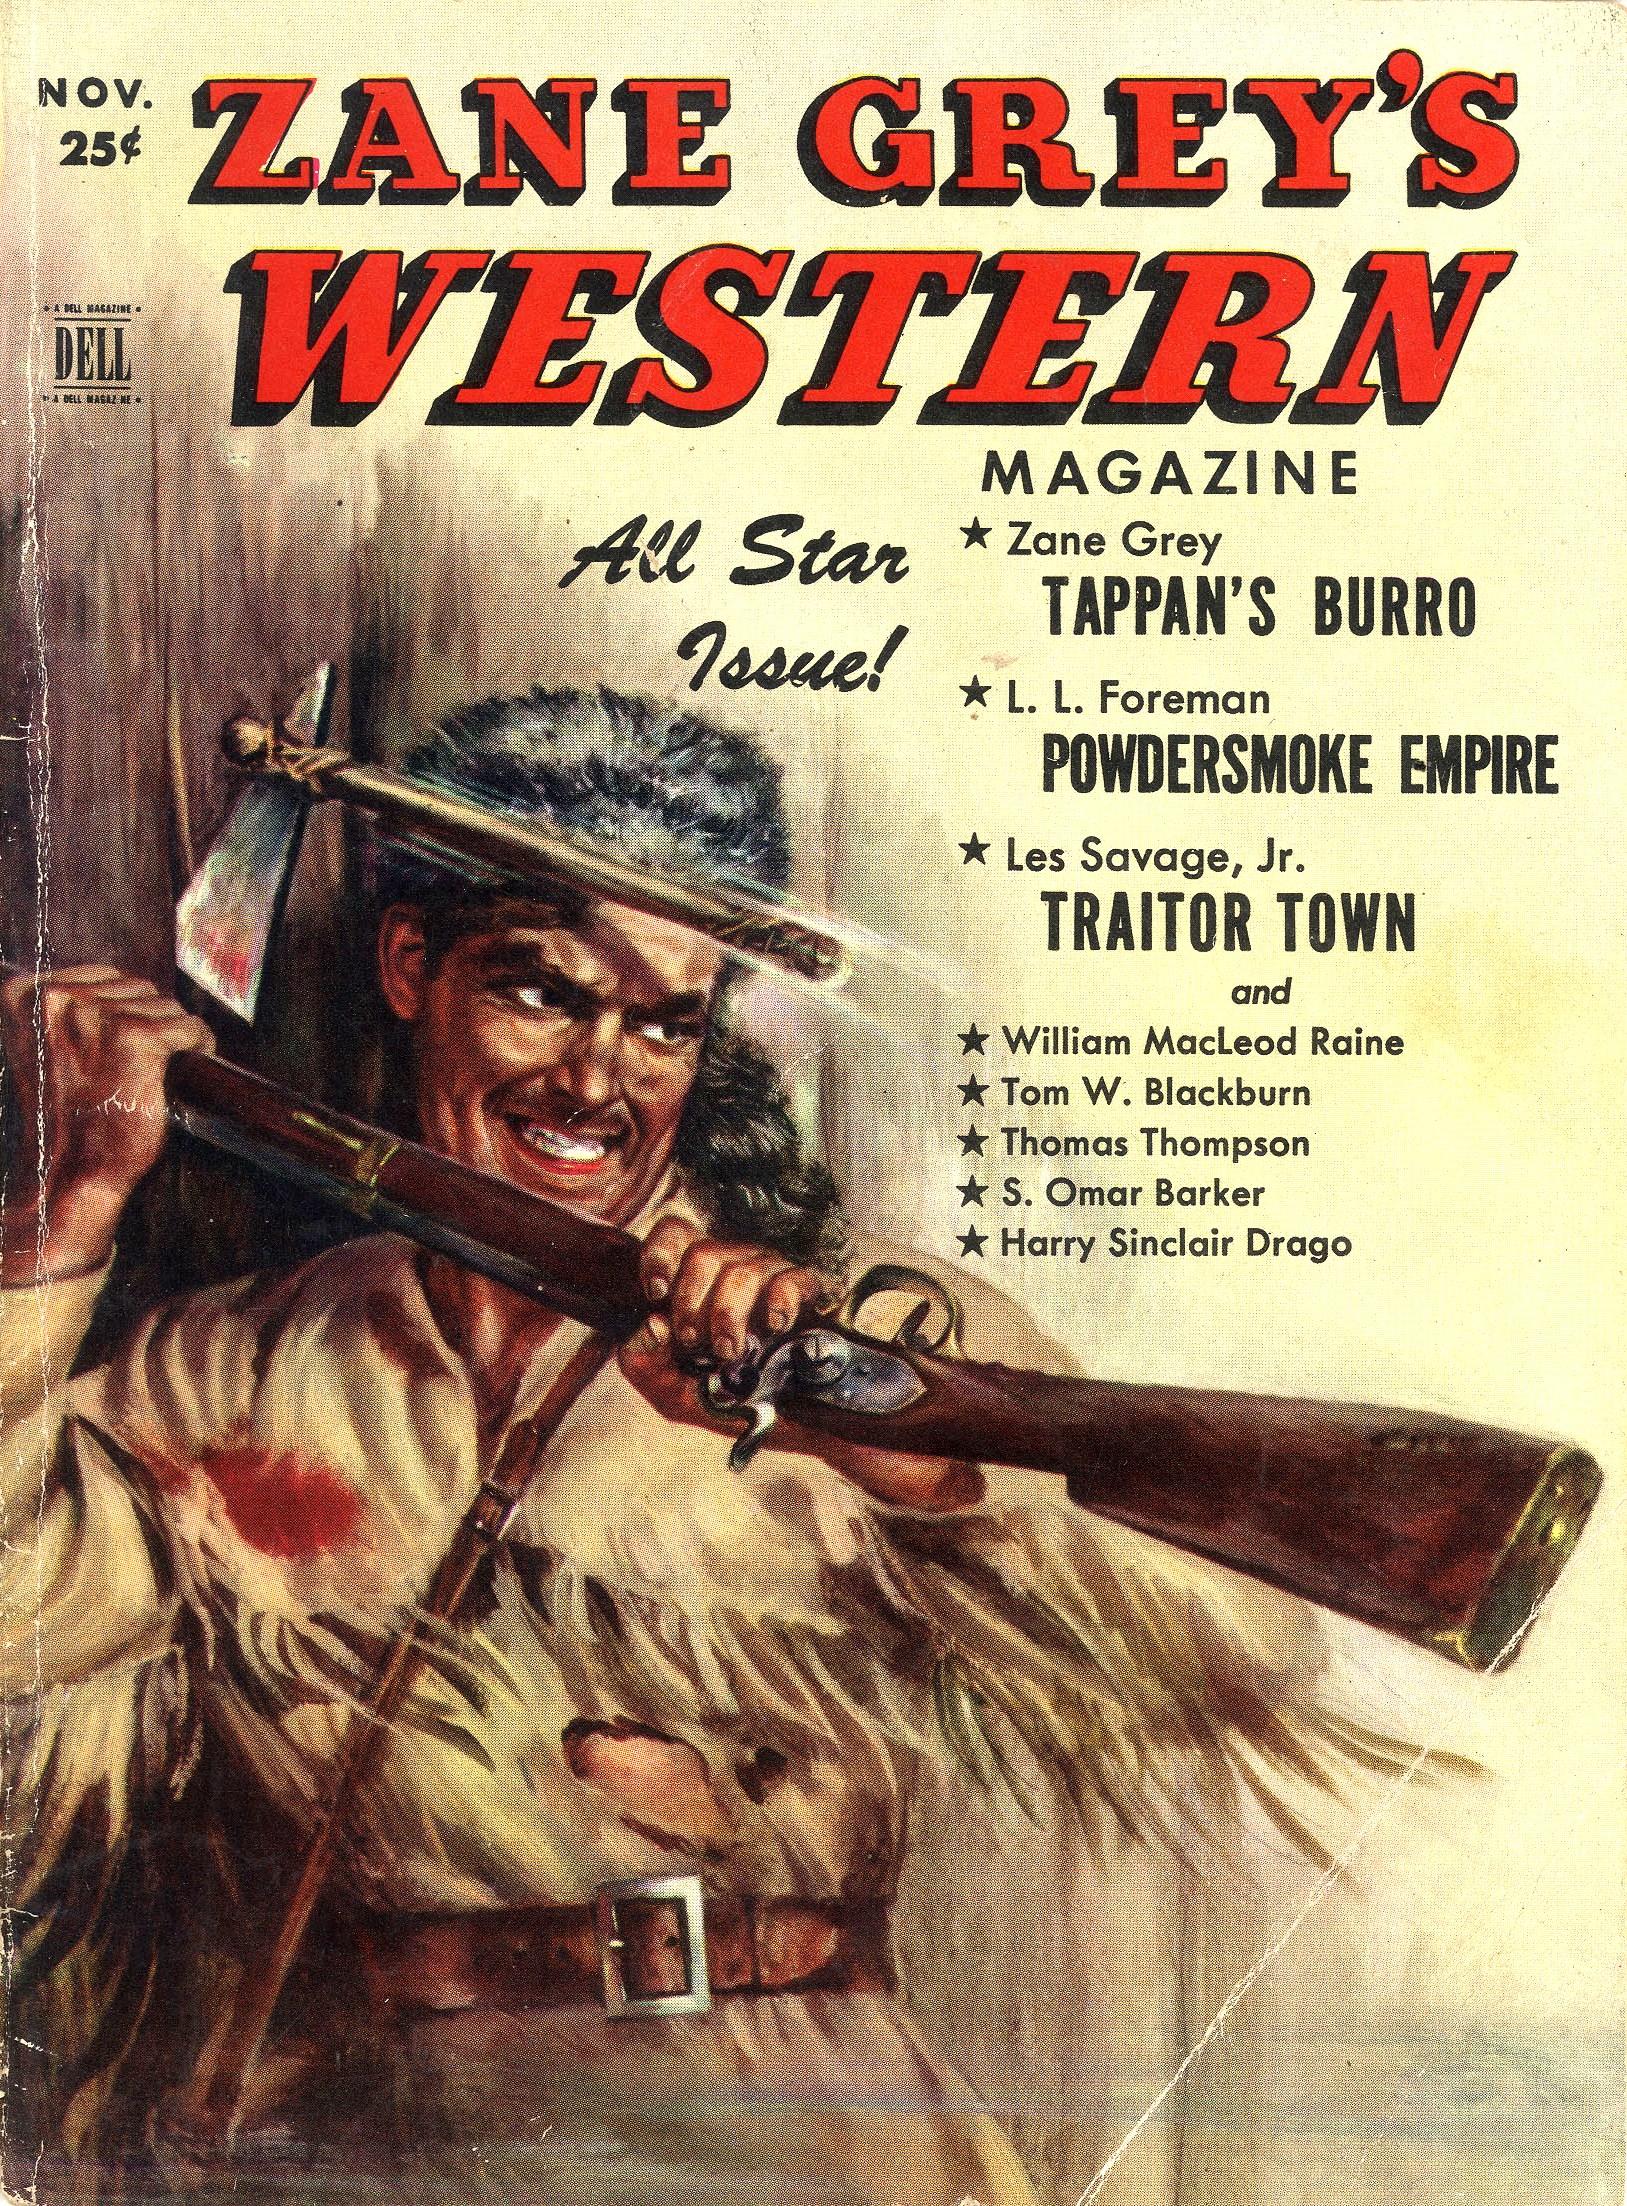 Zane Grey's Western Magazine, November 1951